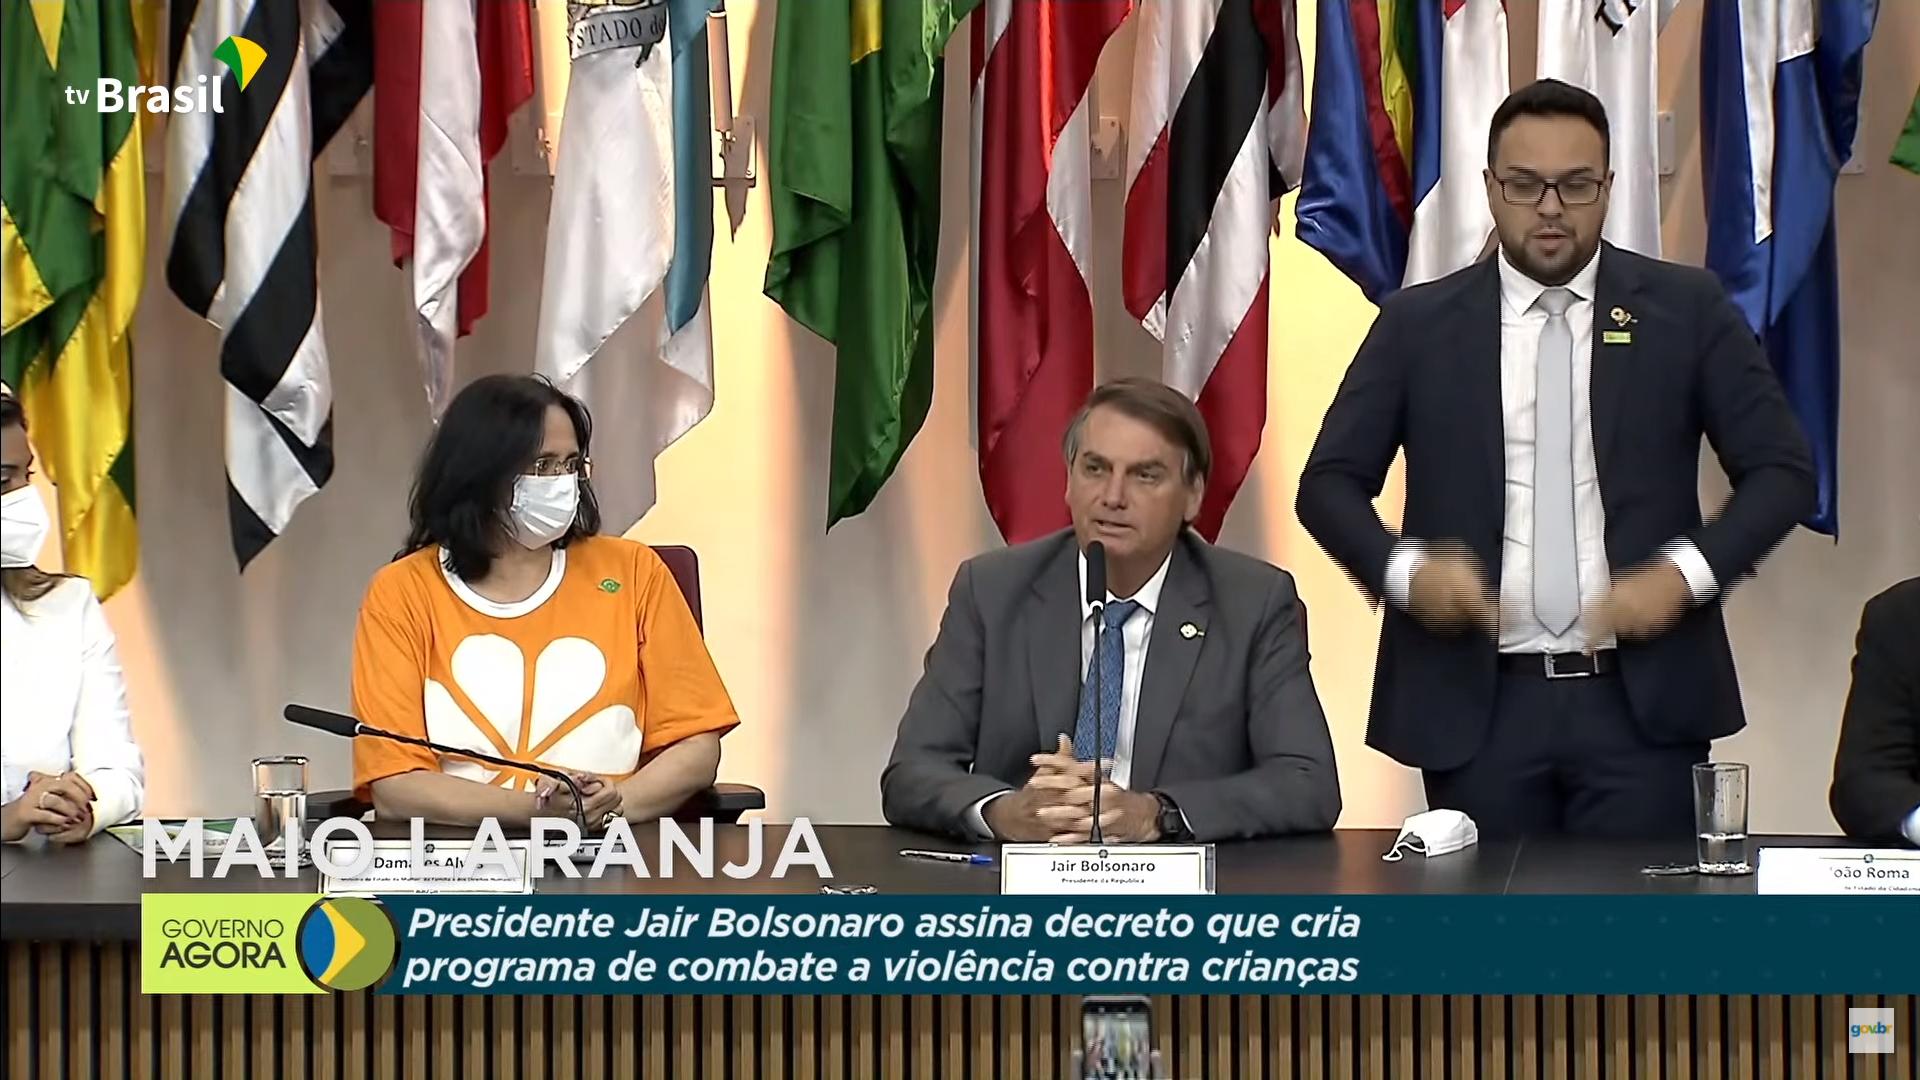 IMAGEM: Bolsonaro cita envolvimento de governos anteriores com pedofilia